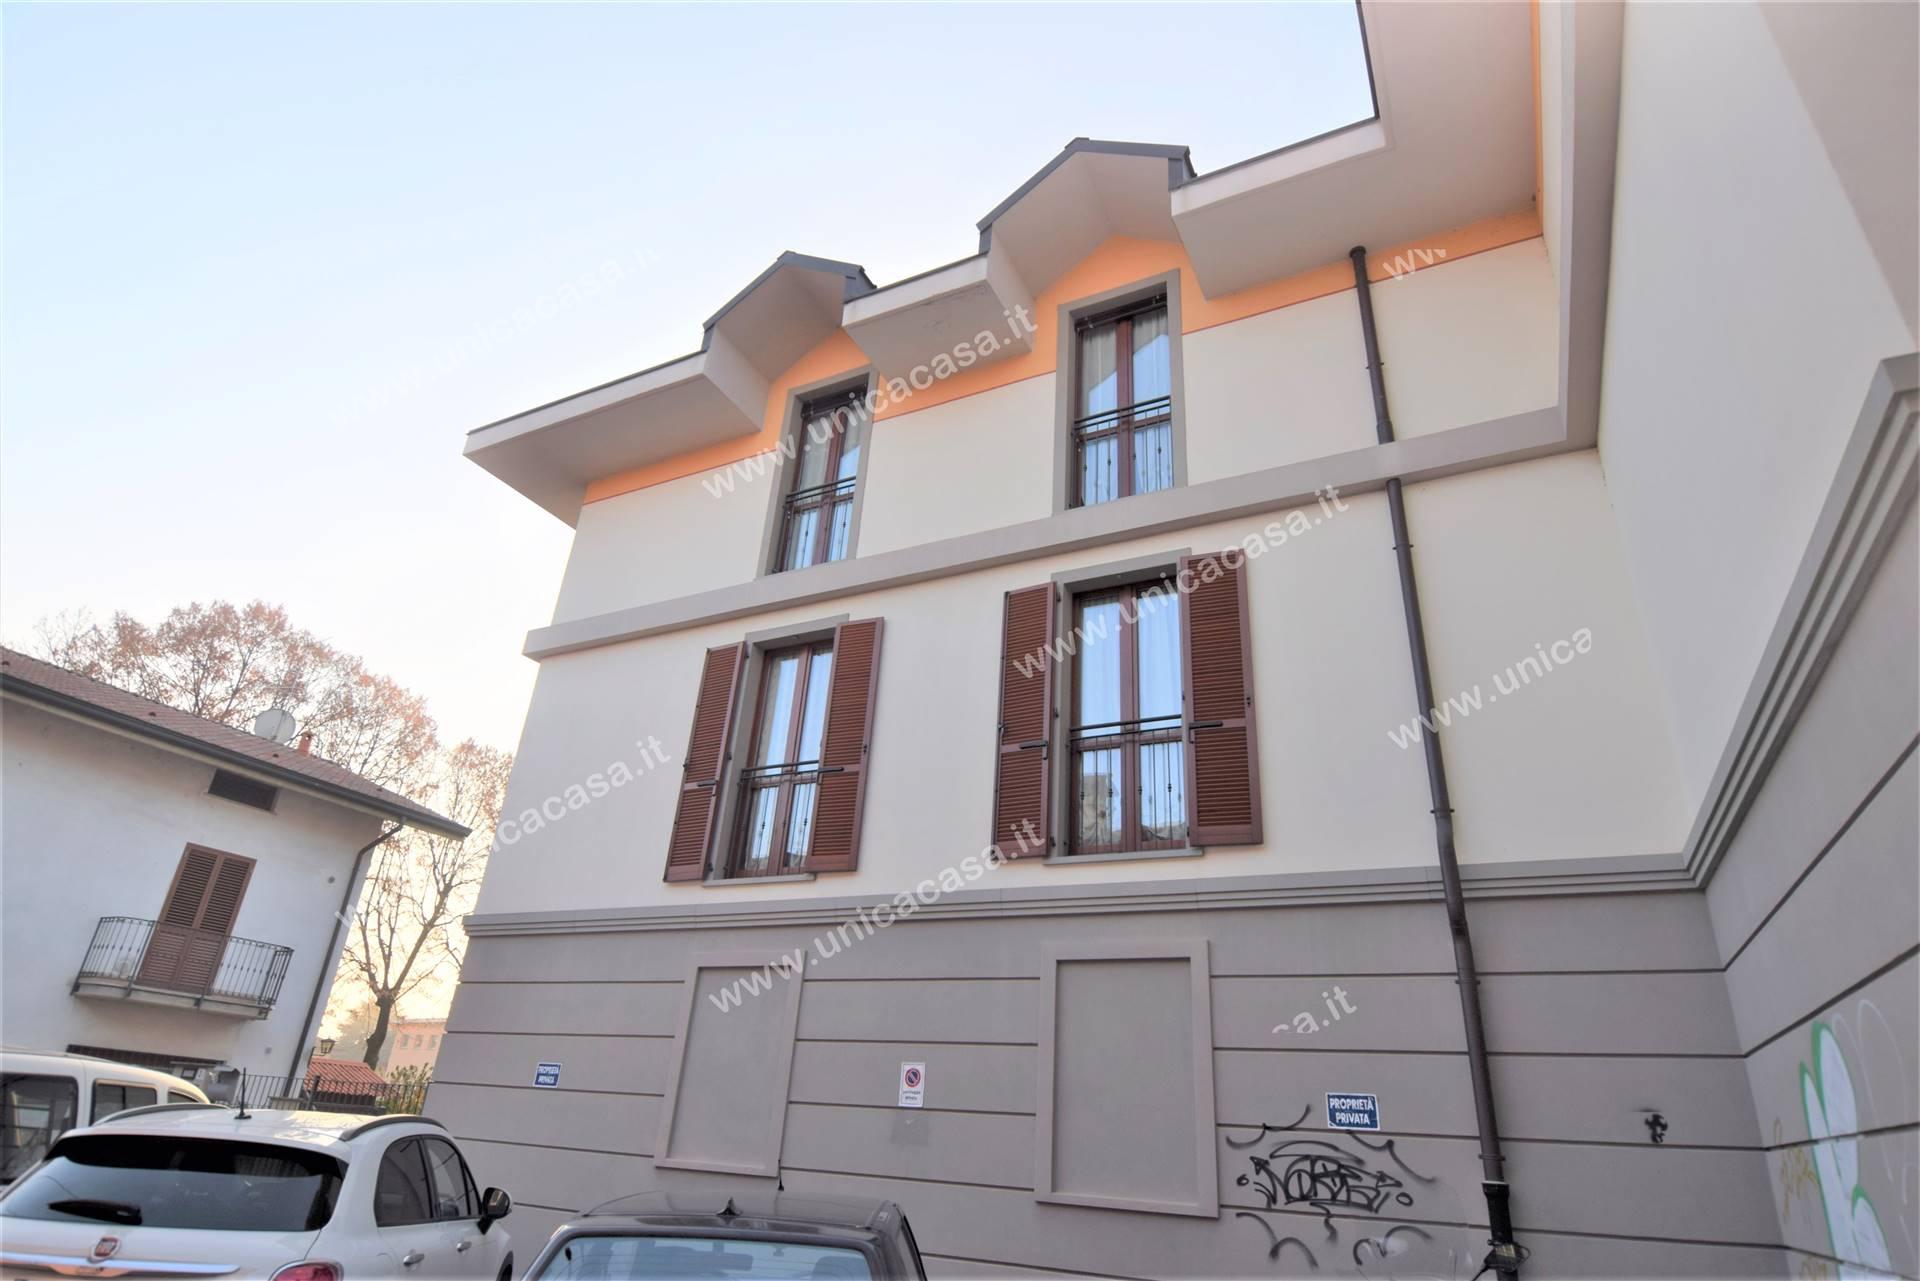 Appartamento in affitto a Ciserano, 2 locali, prezzo € 500 | PortaleAgenzieImmobiliari.it